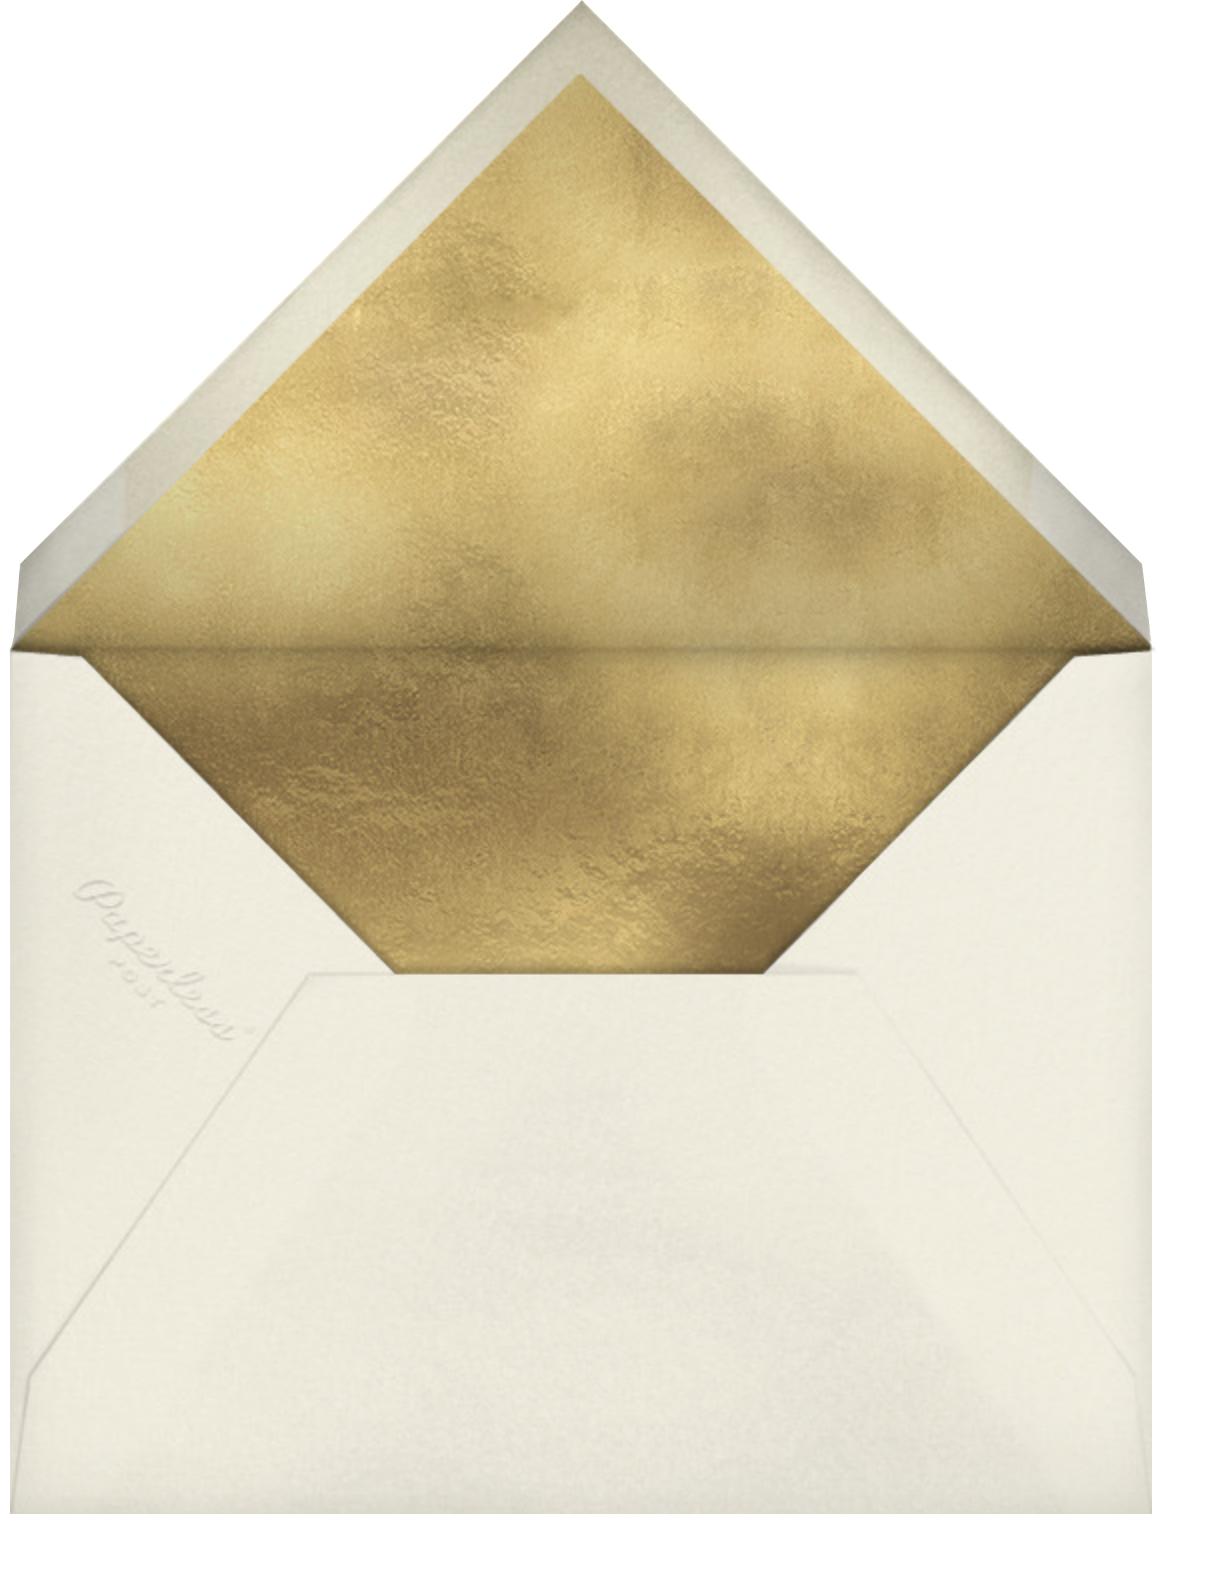 Woodland - Oscar de la Renta - Fall parties - envelope back